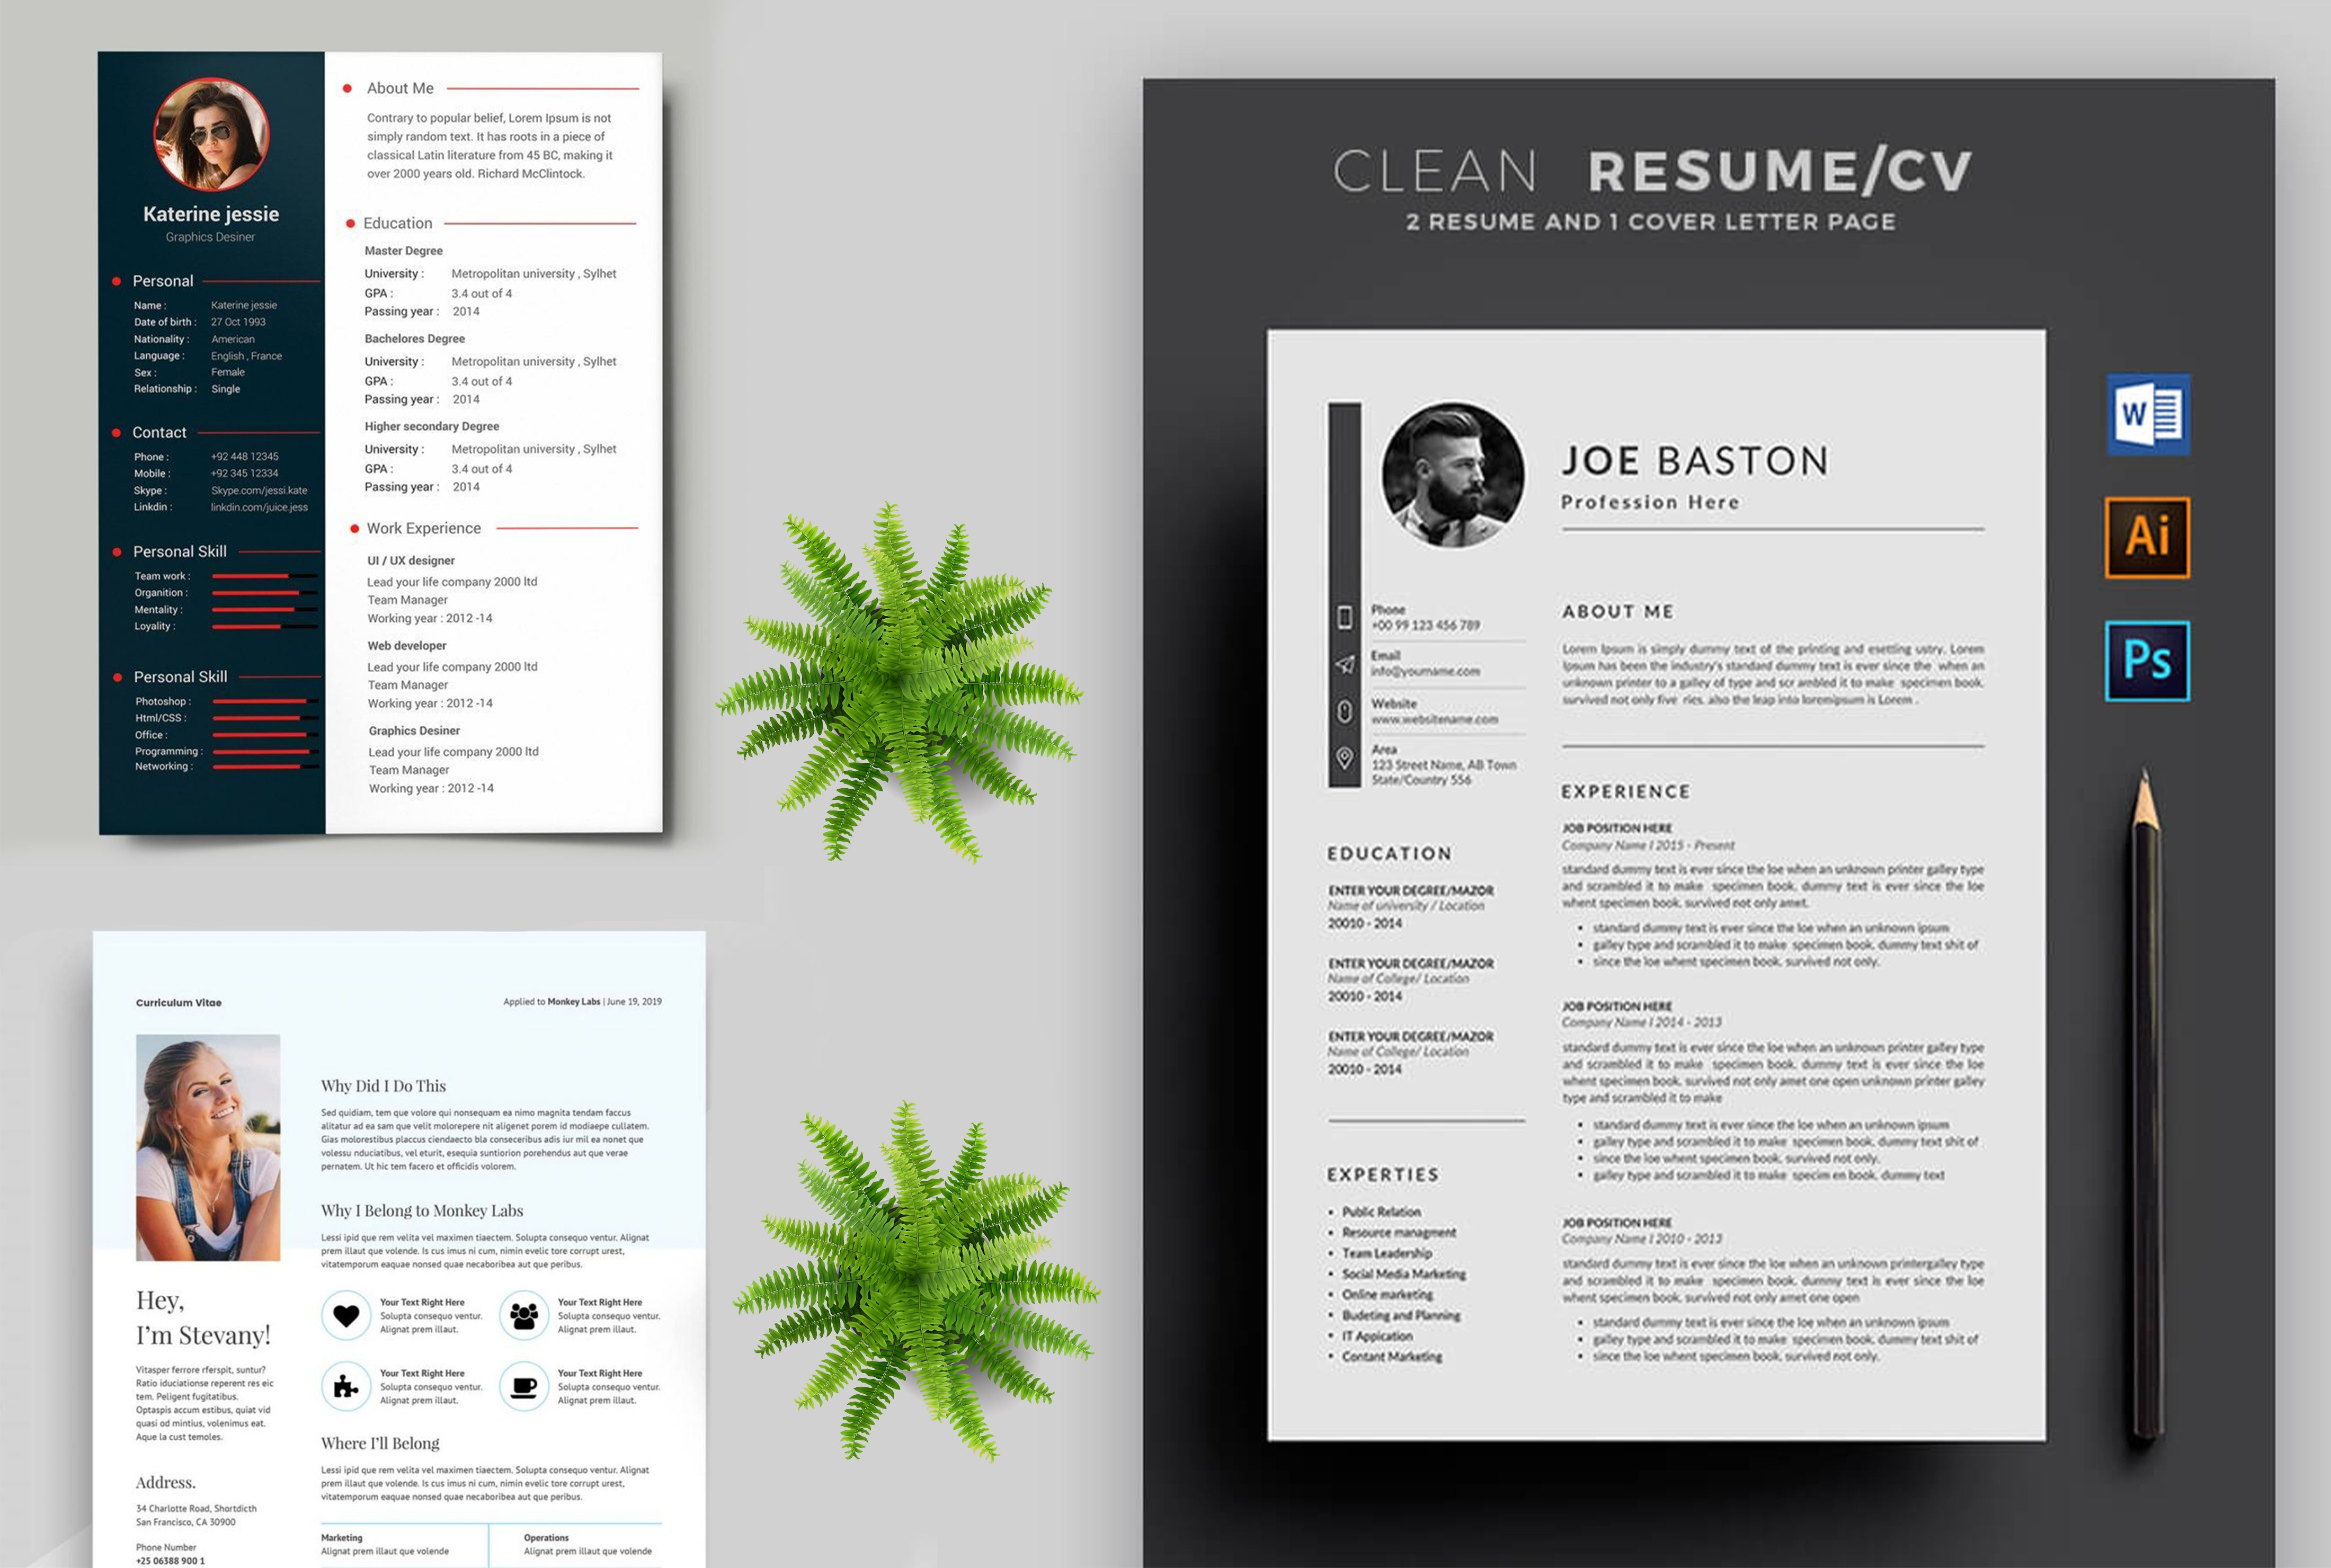 Curriculum Vitae Design Professional Resume Resume Design Creative Graphic Design Resume Resume Design Professional